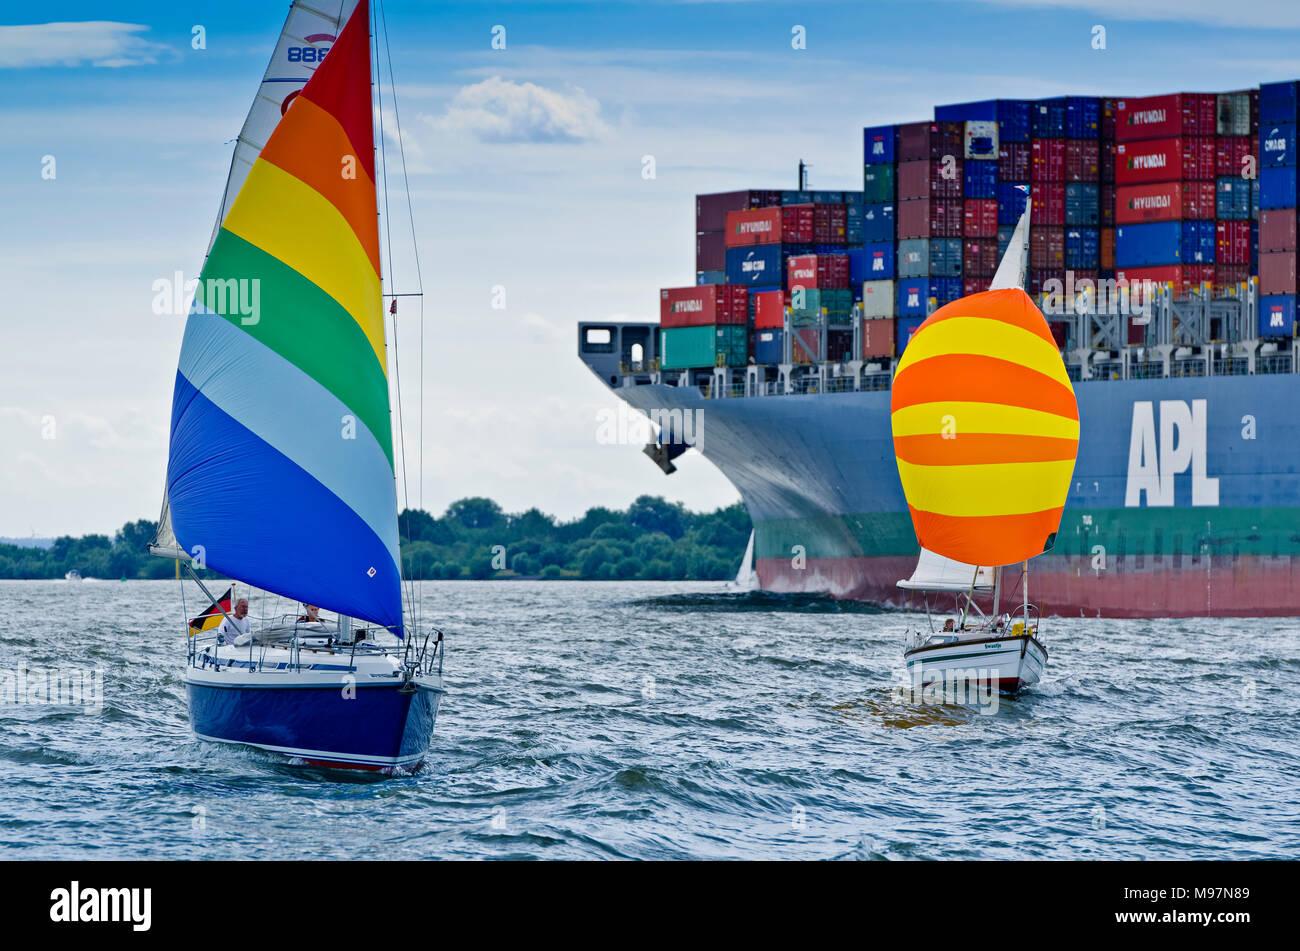 Deutschland, Hamburg, Elbe, Containerschiff, Segelboot Stockbild